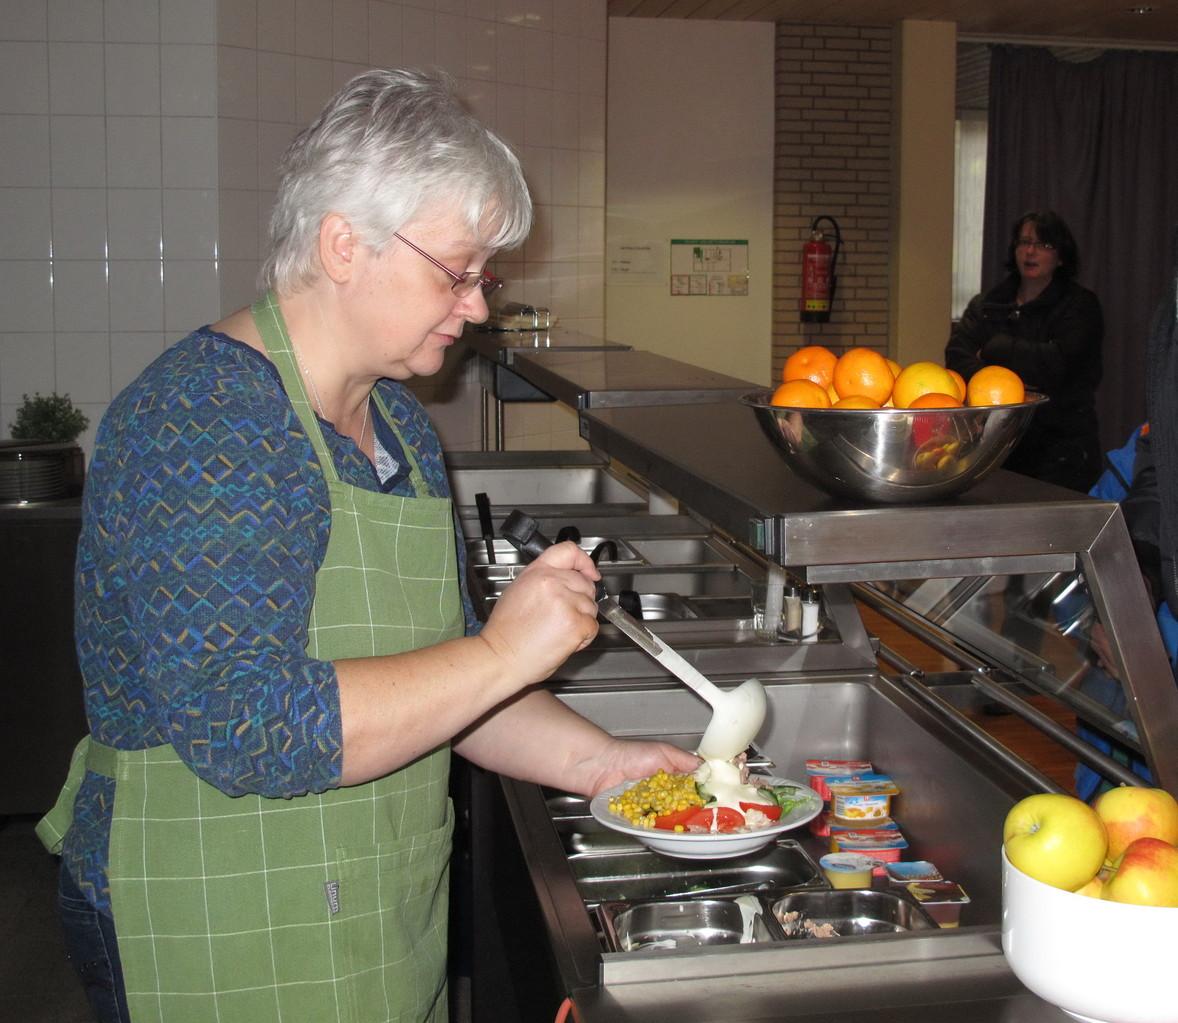 In freundlicher Atmosphäre serviert Martina Sauerwald leckere Menüs und Salate.